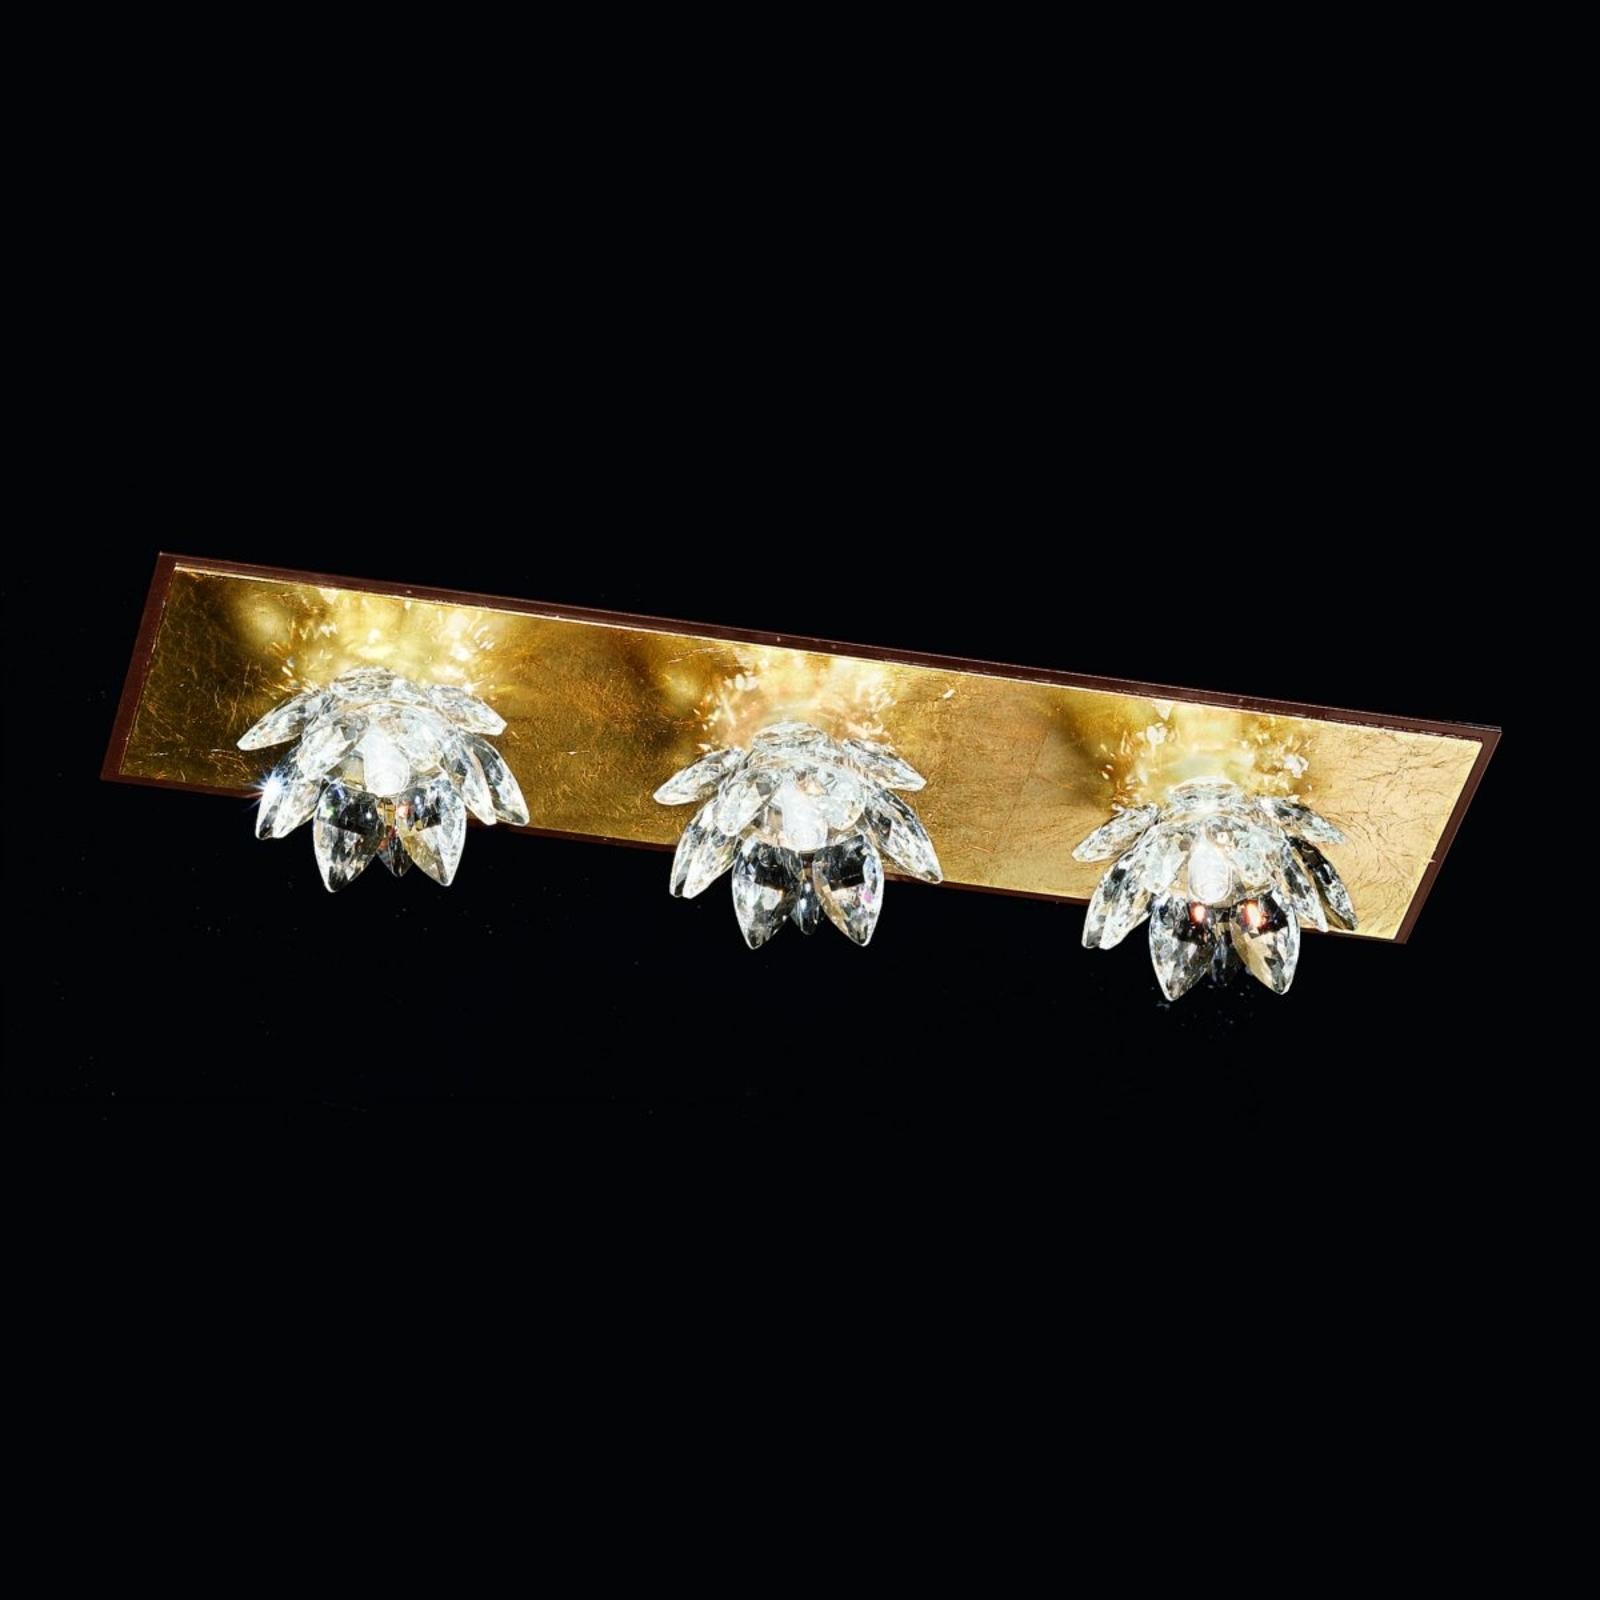 Plafonnier Fiore feuille d'or et cristal, 3 lampes